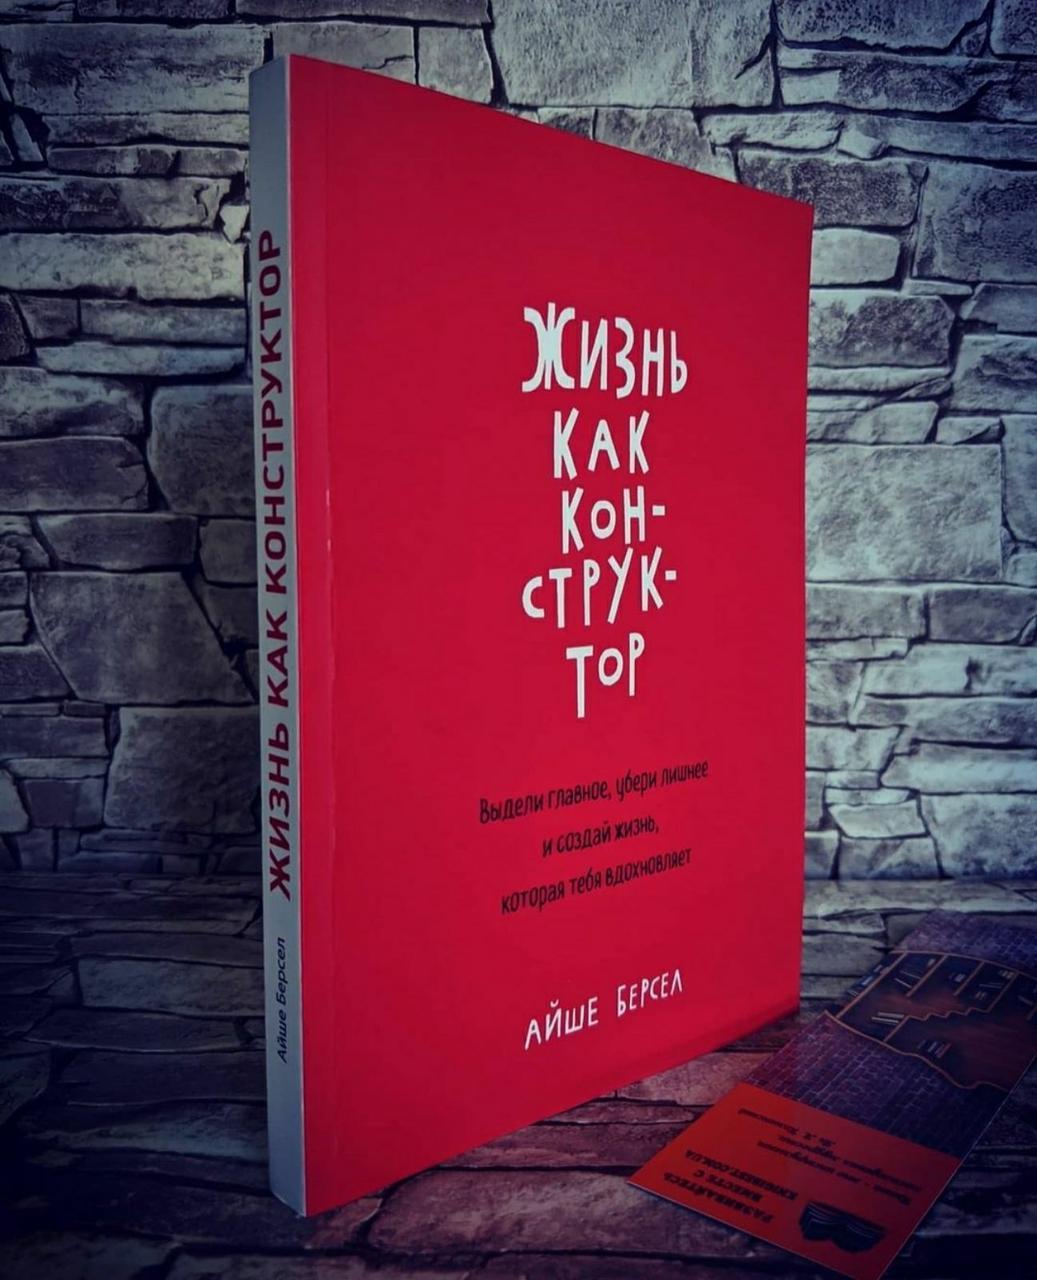 """Книга """"Жизнь как конструктор. Выдели главное, убери лишнее и создай жизнь, которая тебя вдохновляет"""" А.Берсел"""